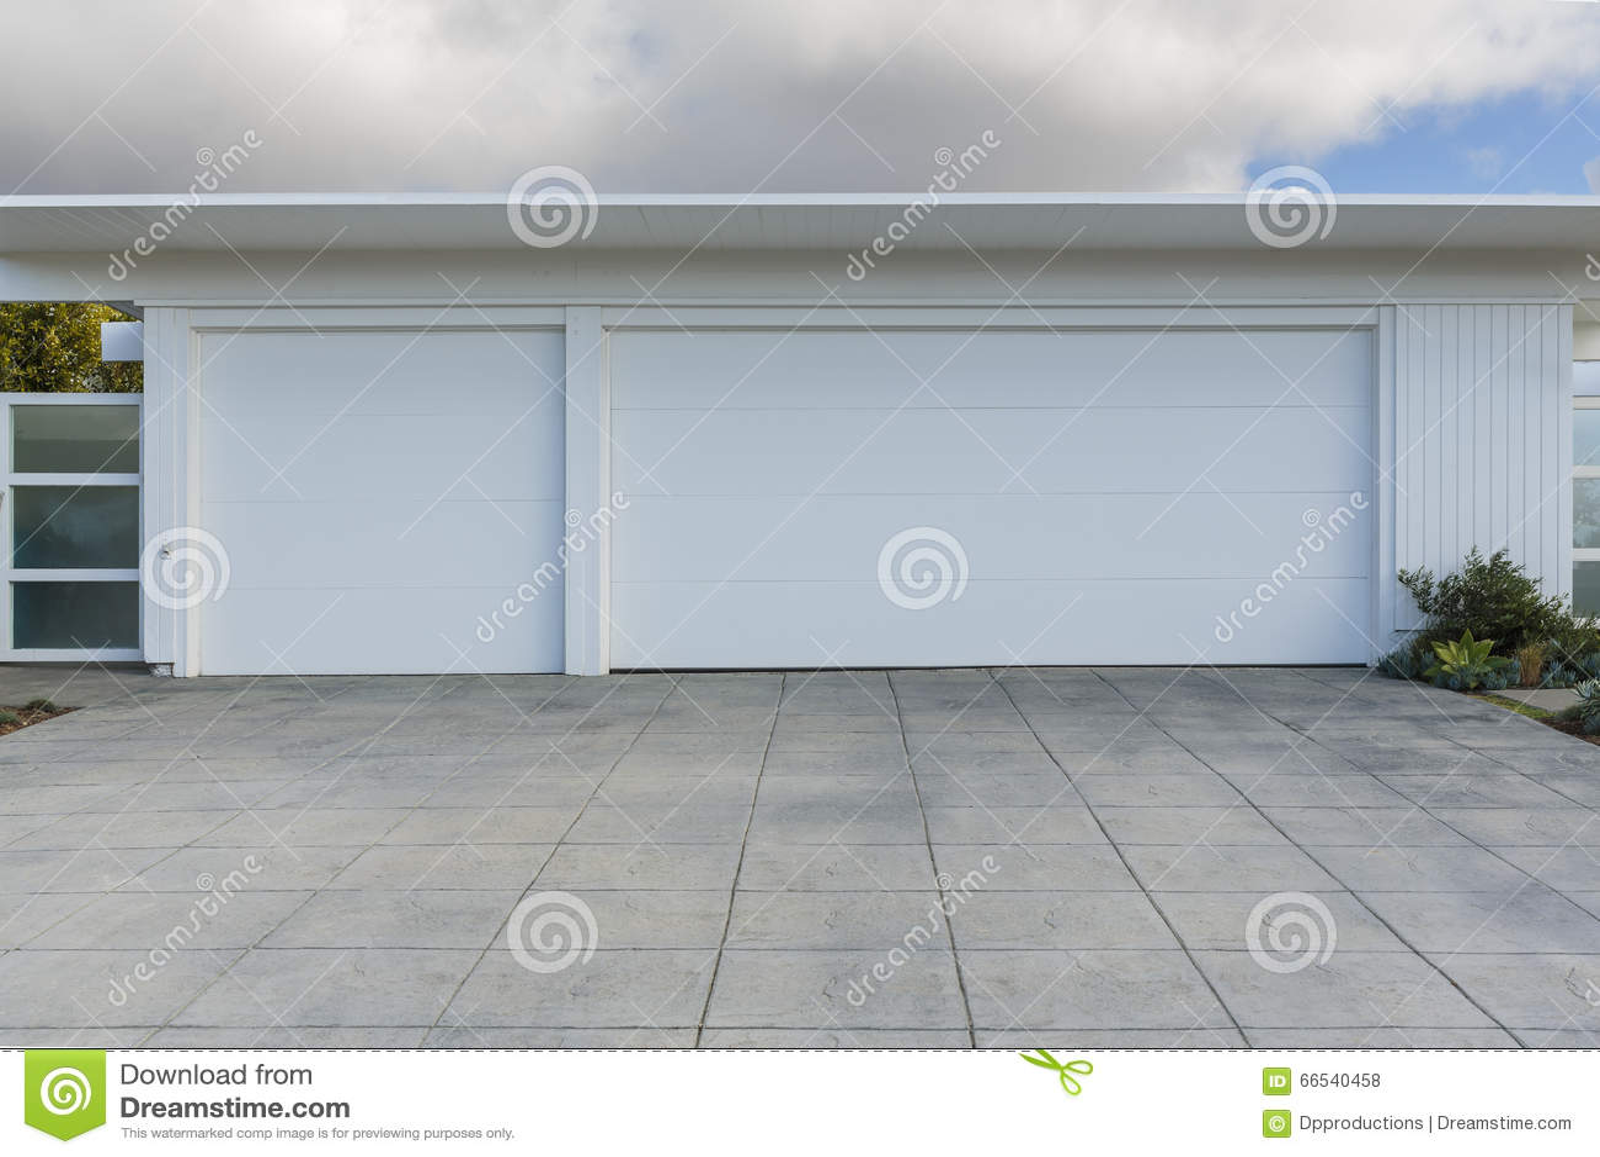 Haus mit der garage mit 3 autos stockfoto bild 66540458 for Haus mit garage